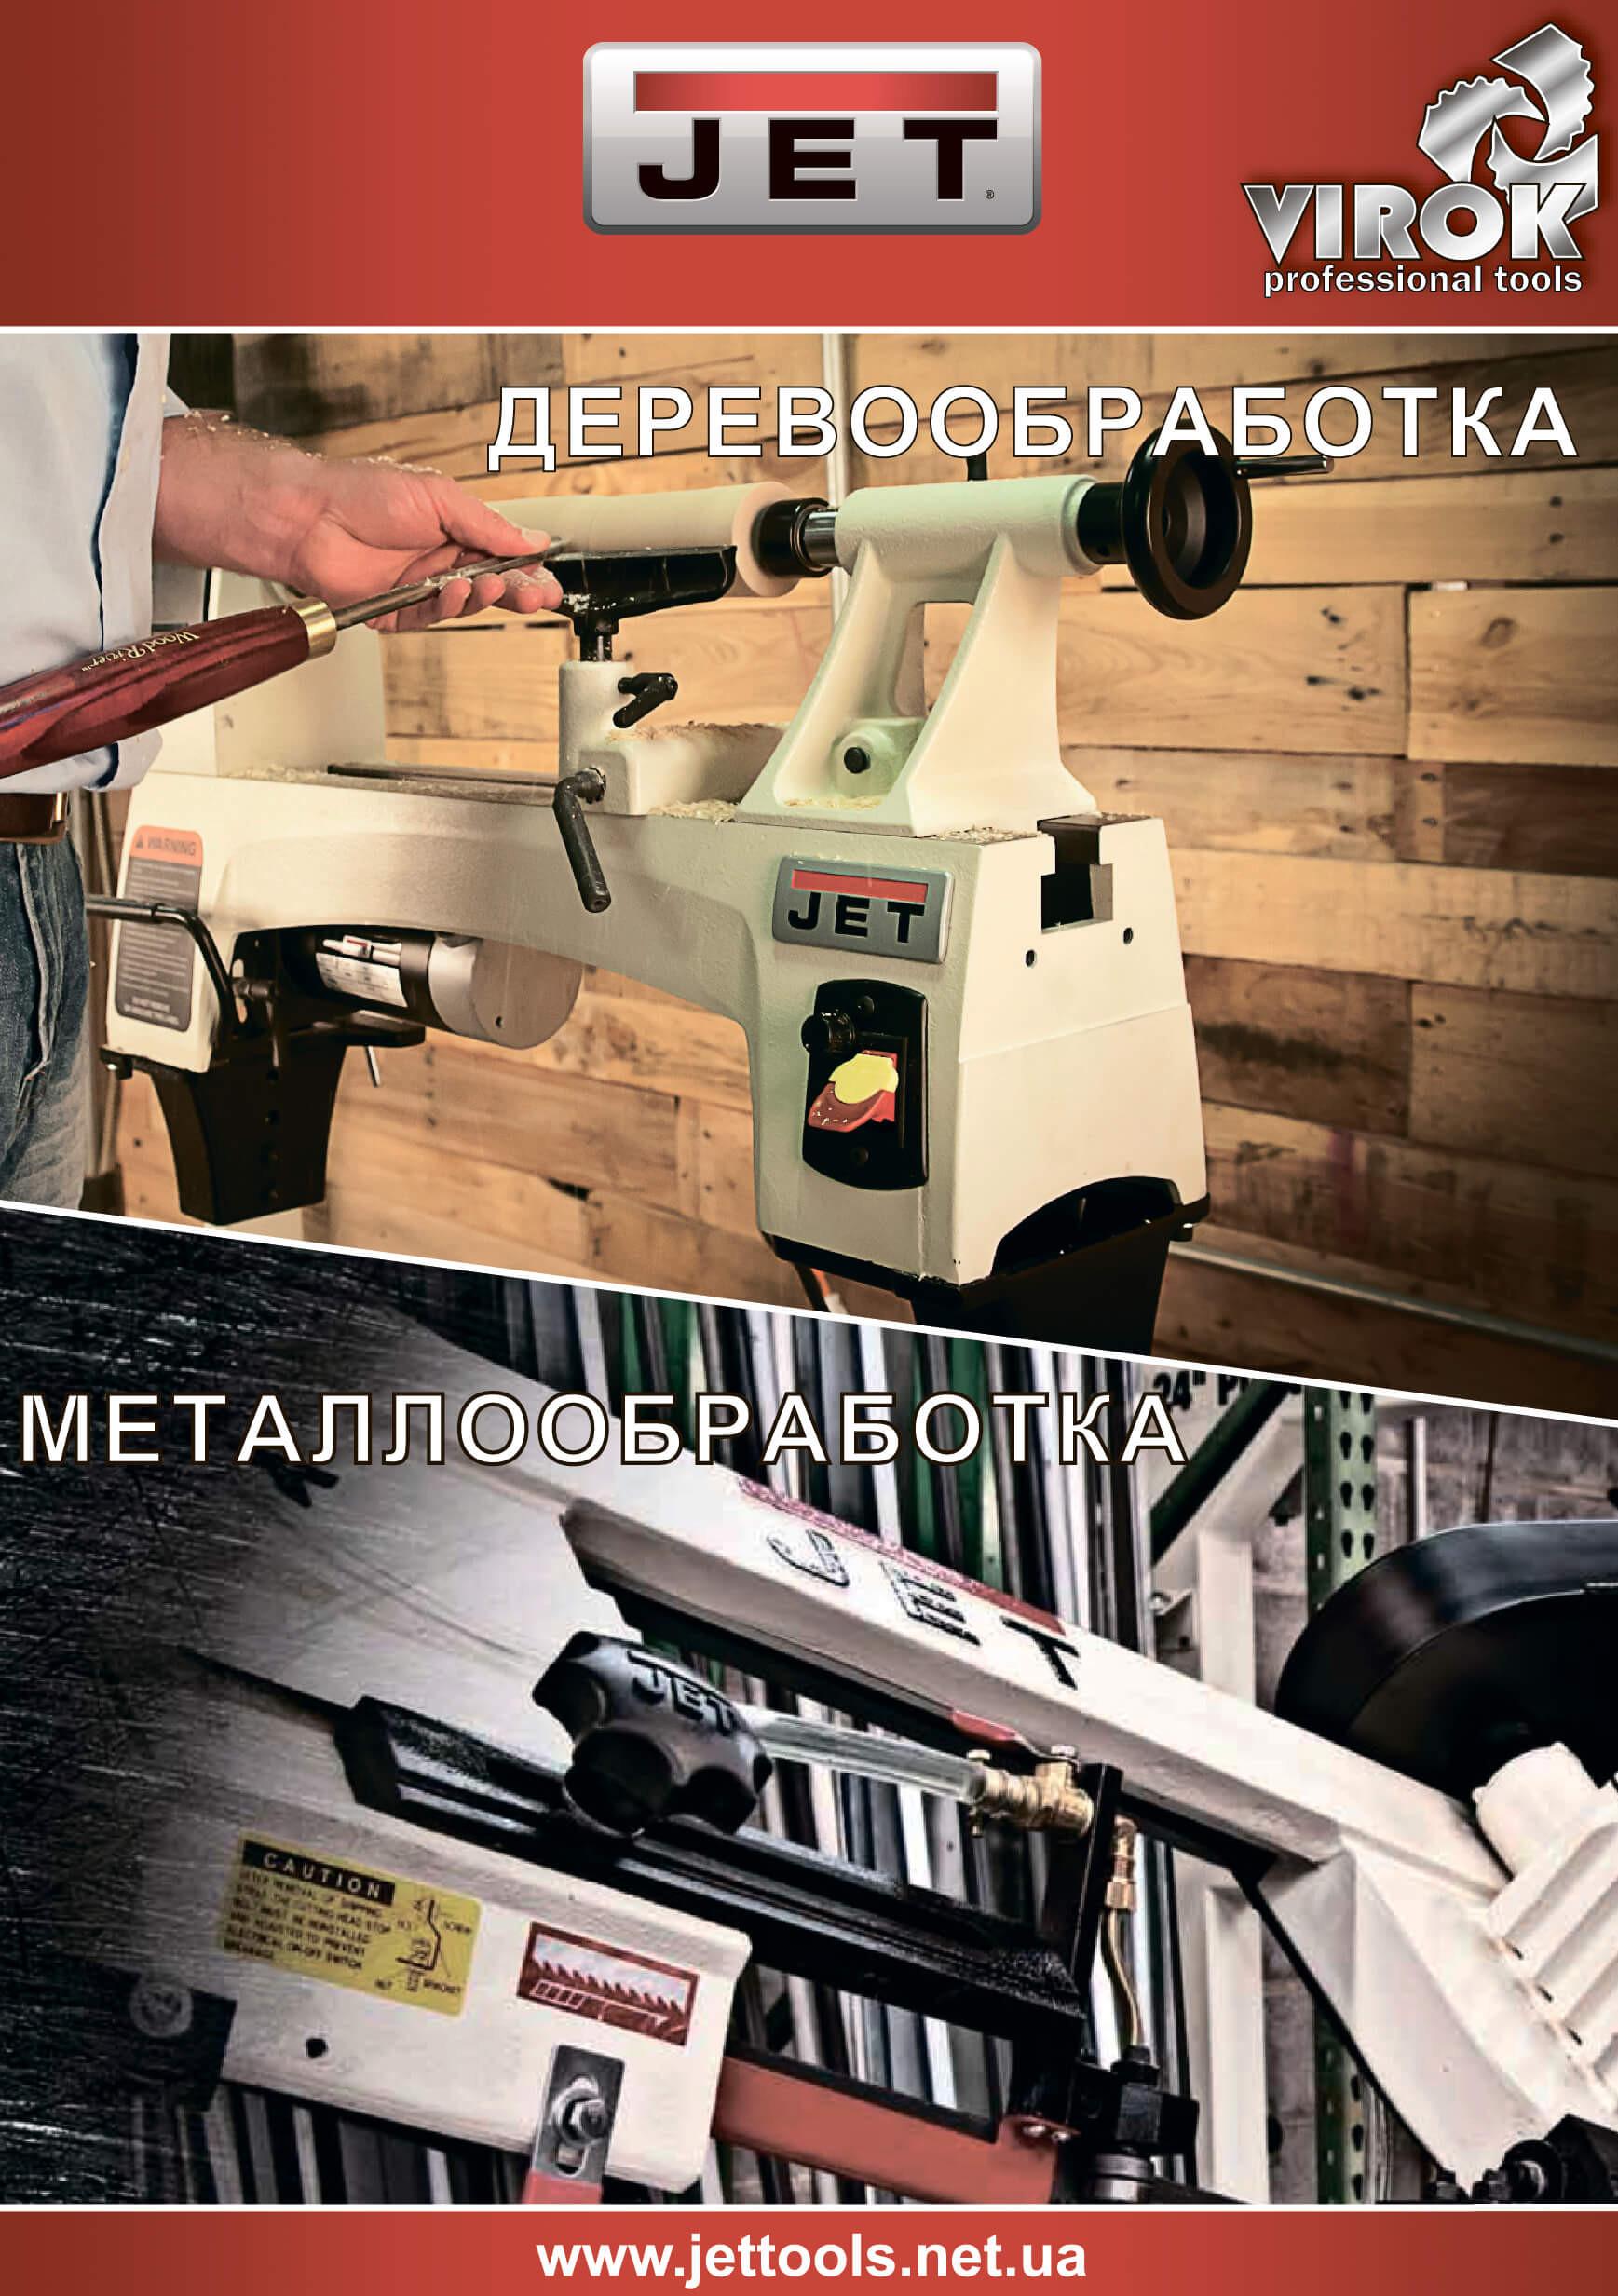 Каталог по металлообработке и деревообработке 2017 фото 1